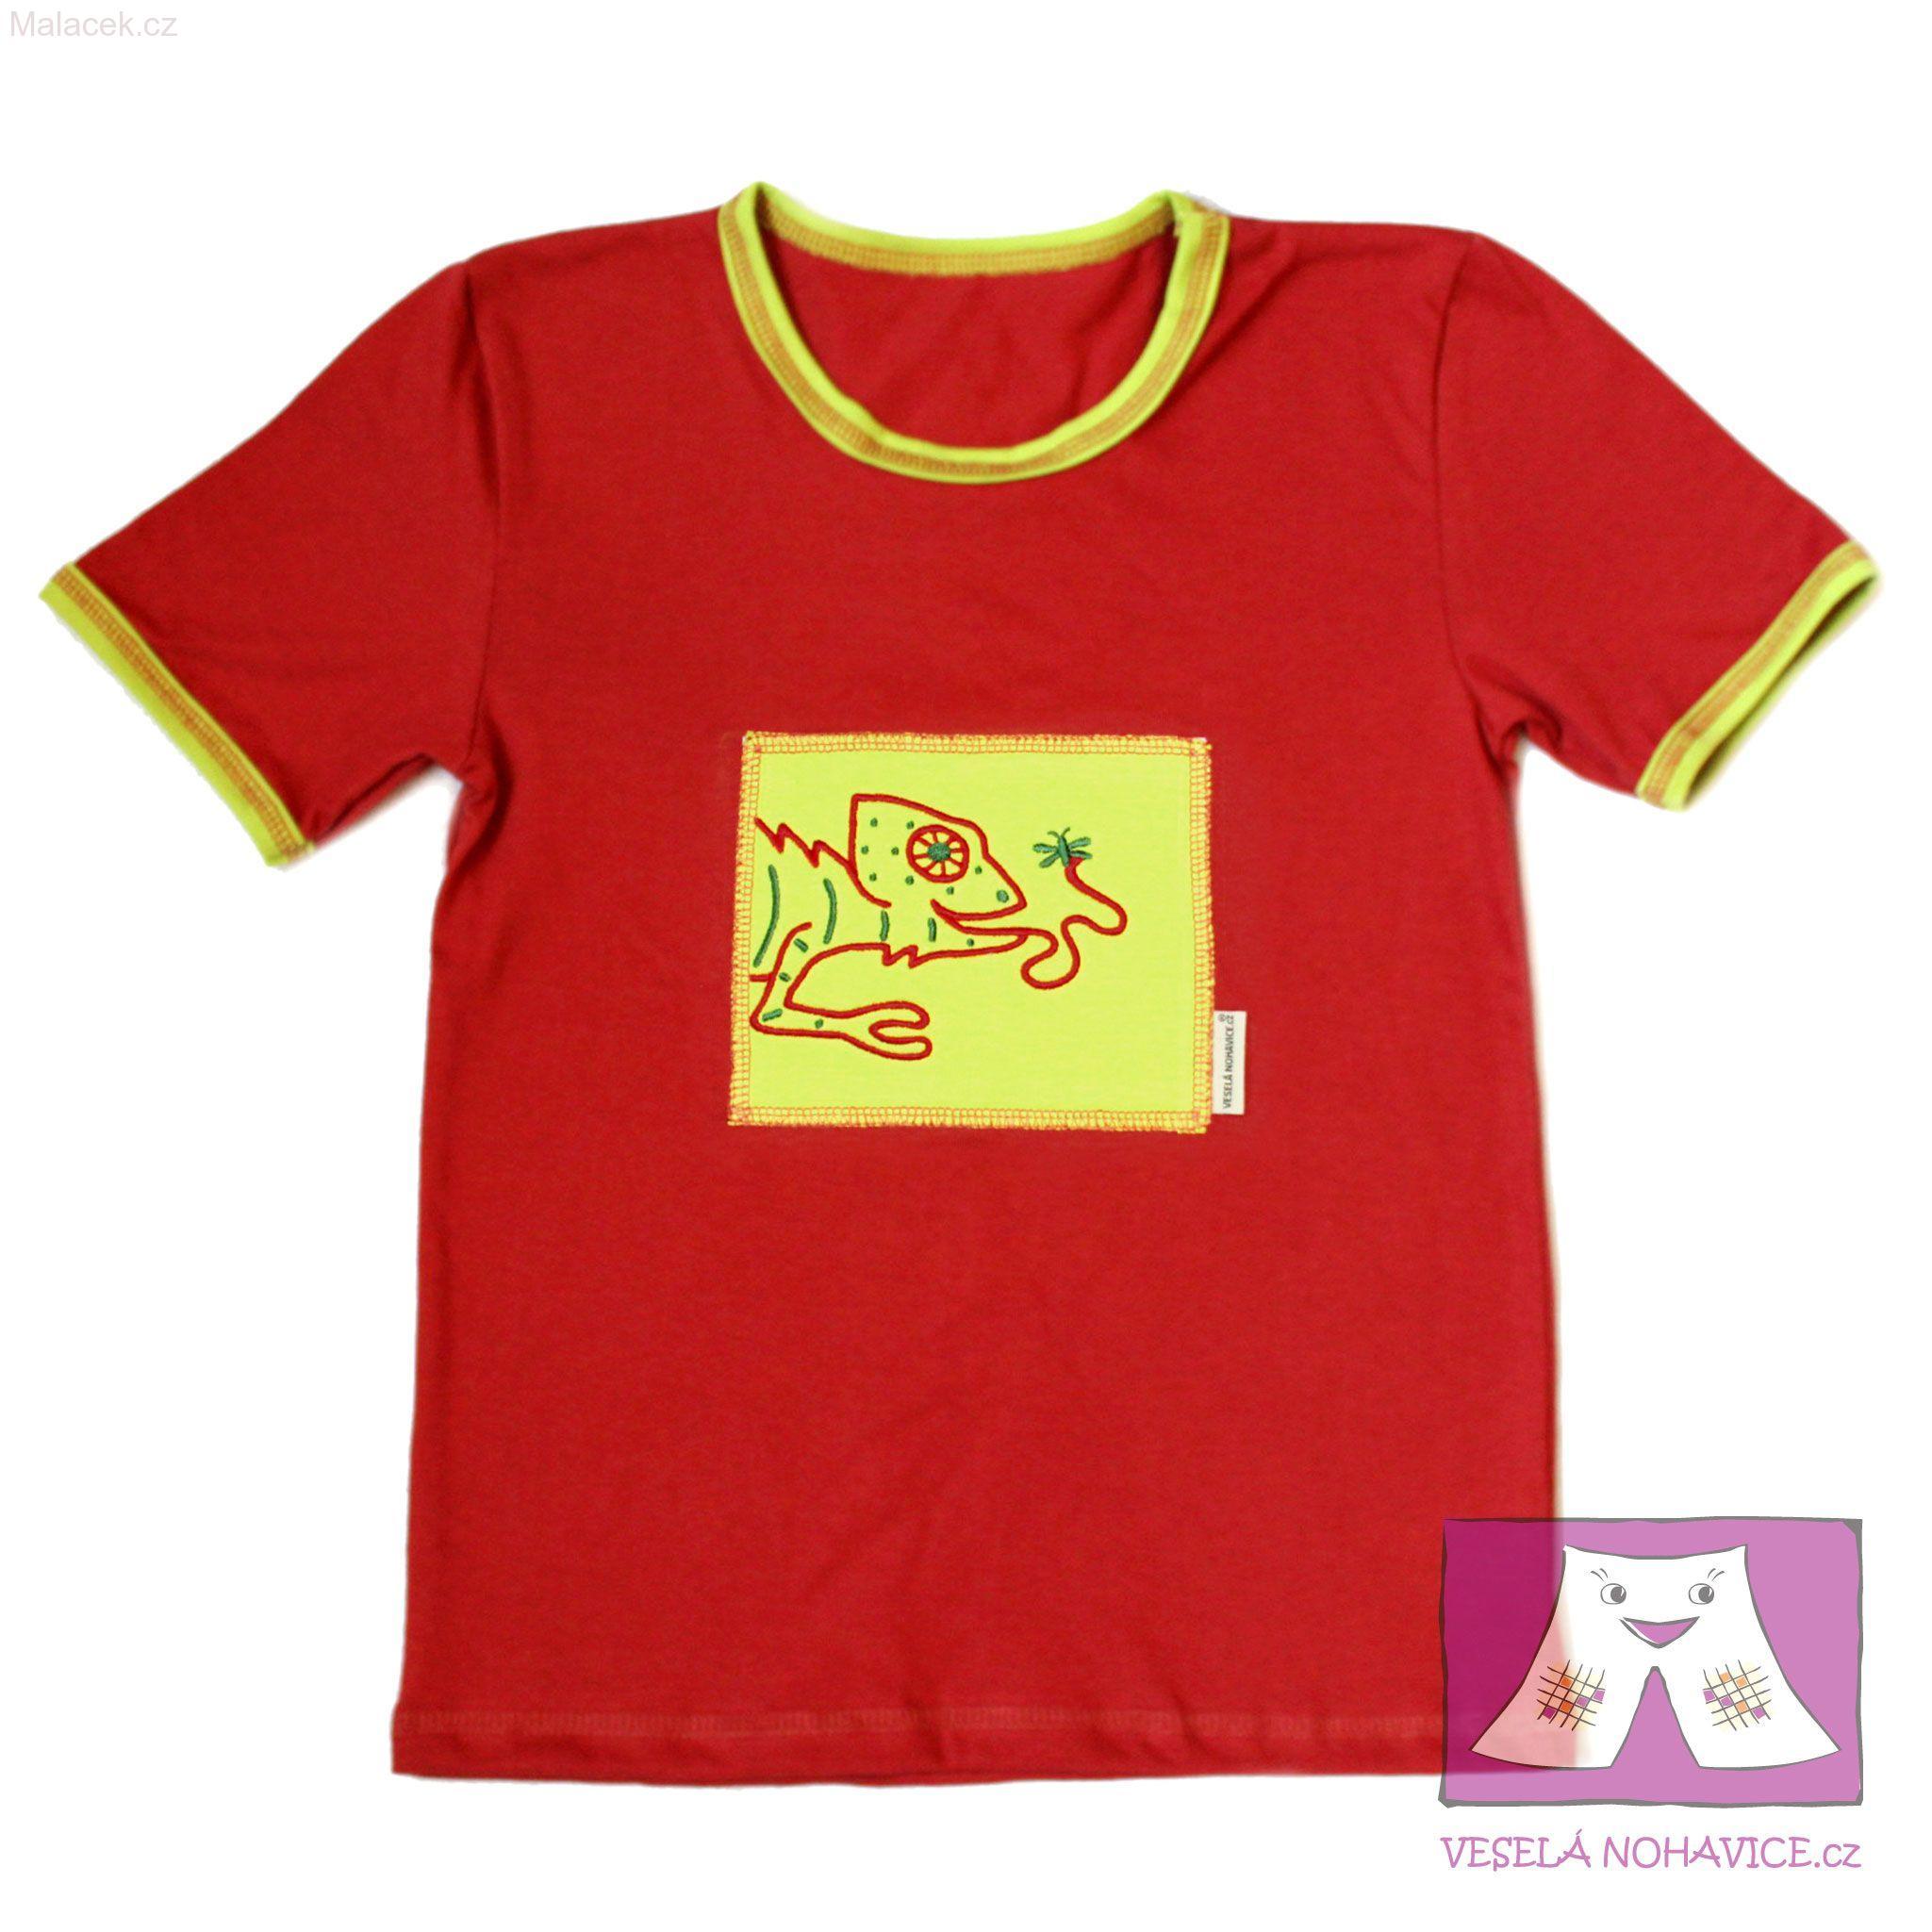 a66a3df9514 Rezavé tričko s krátkým rukávem - výšivka Chameleon